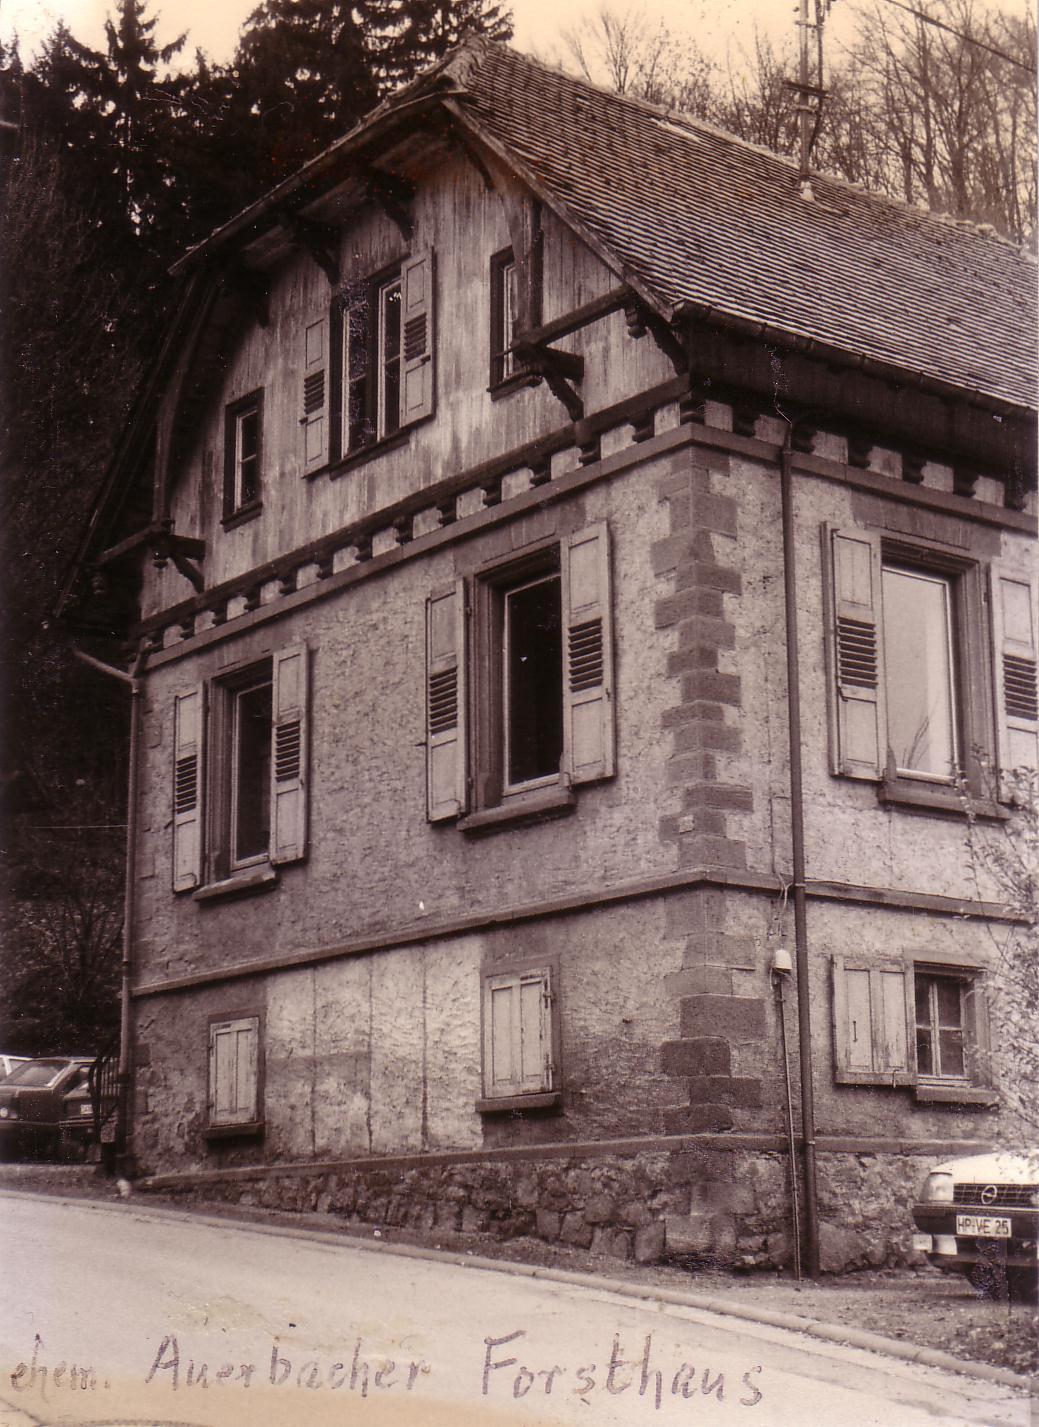 De Hochstädter Neues und Wissenswertes aus Hochstädten Revierförster Karl Brück